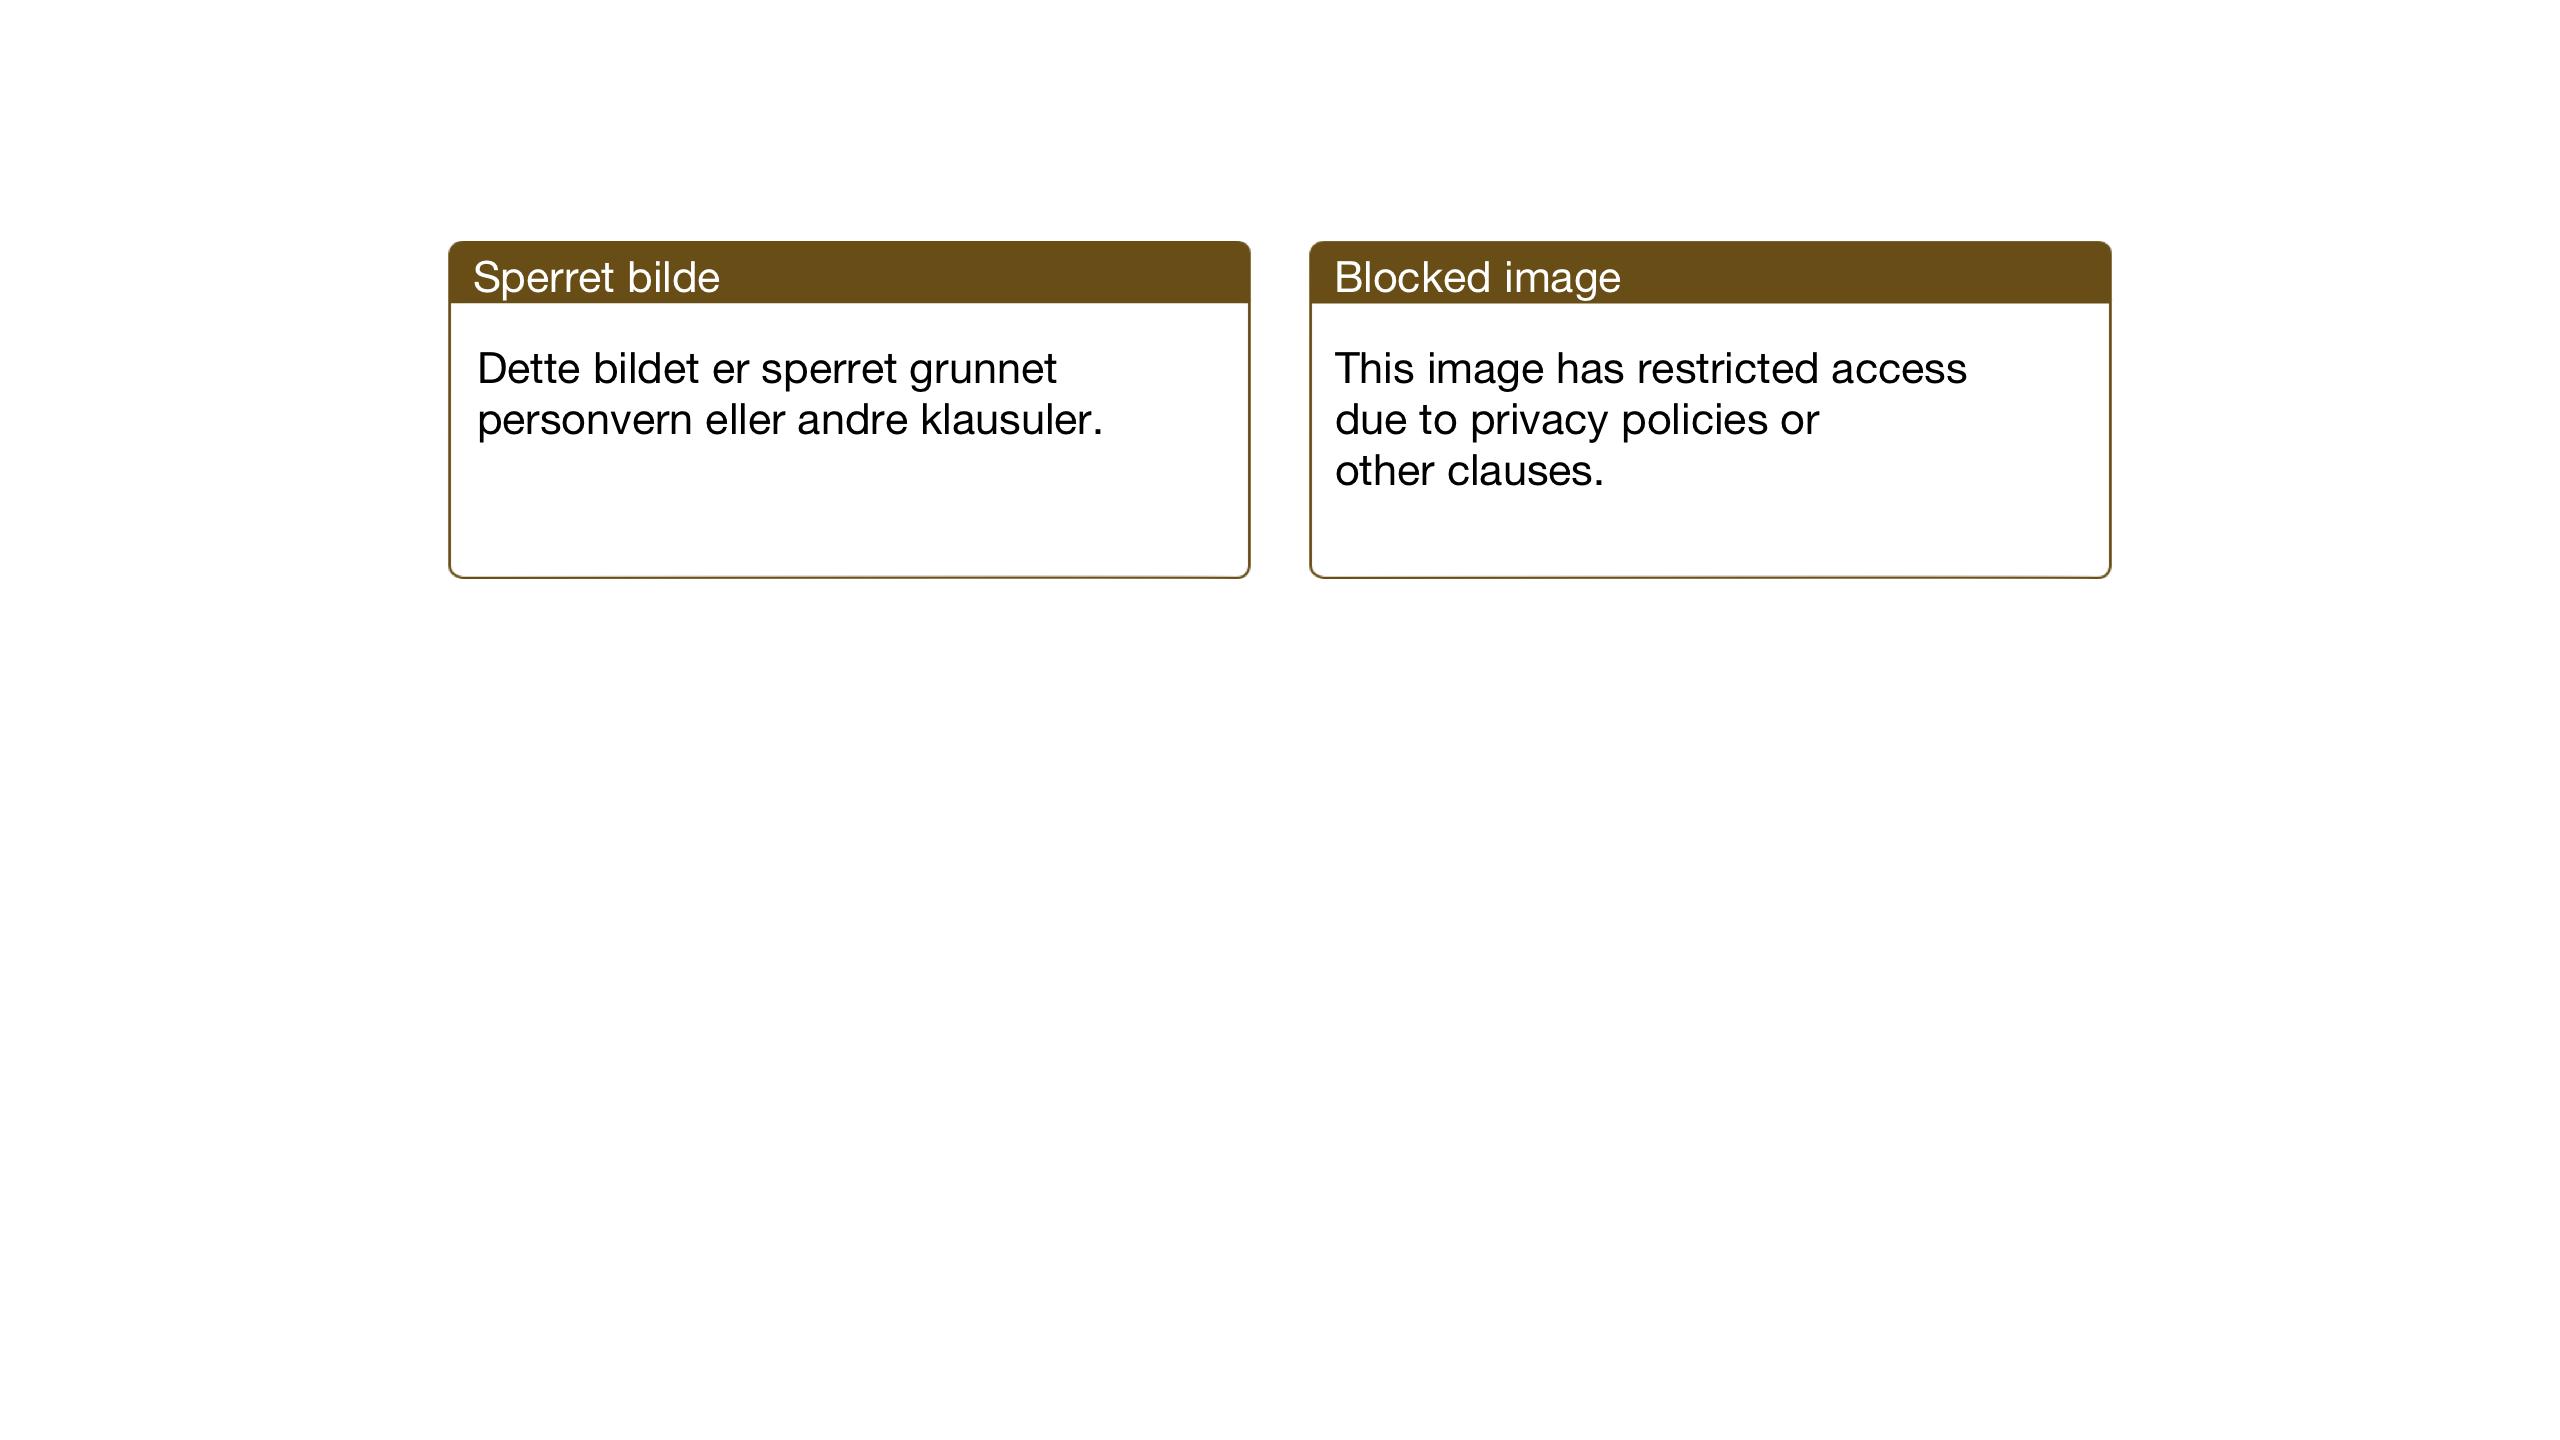 SAT, Ministerialprotokoller, klokkerbøker og fødselsregistre - Nord-Trøndelag, 714/L0136: Klokkerbok nr. 714C05, 1918-1957, s. 232